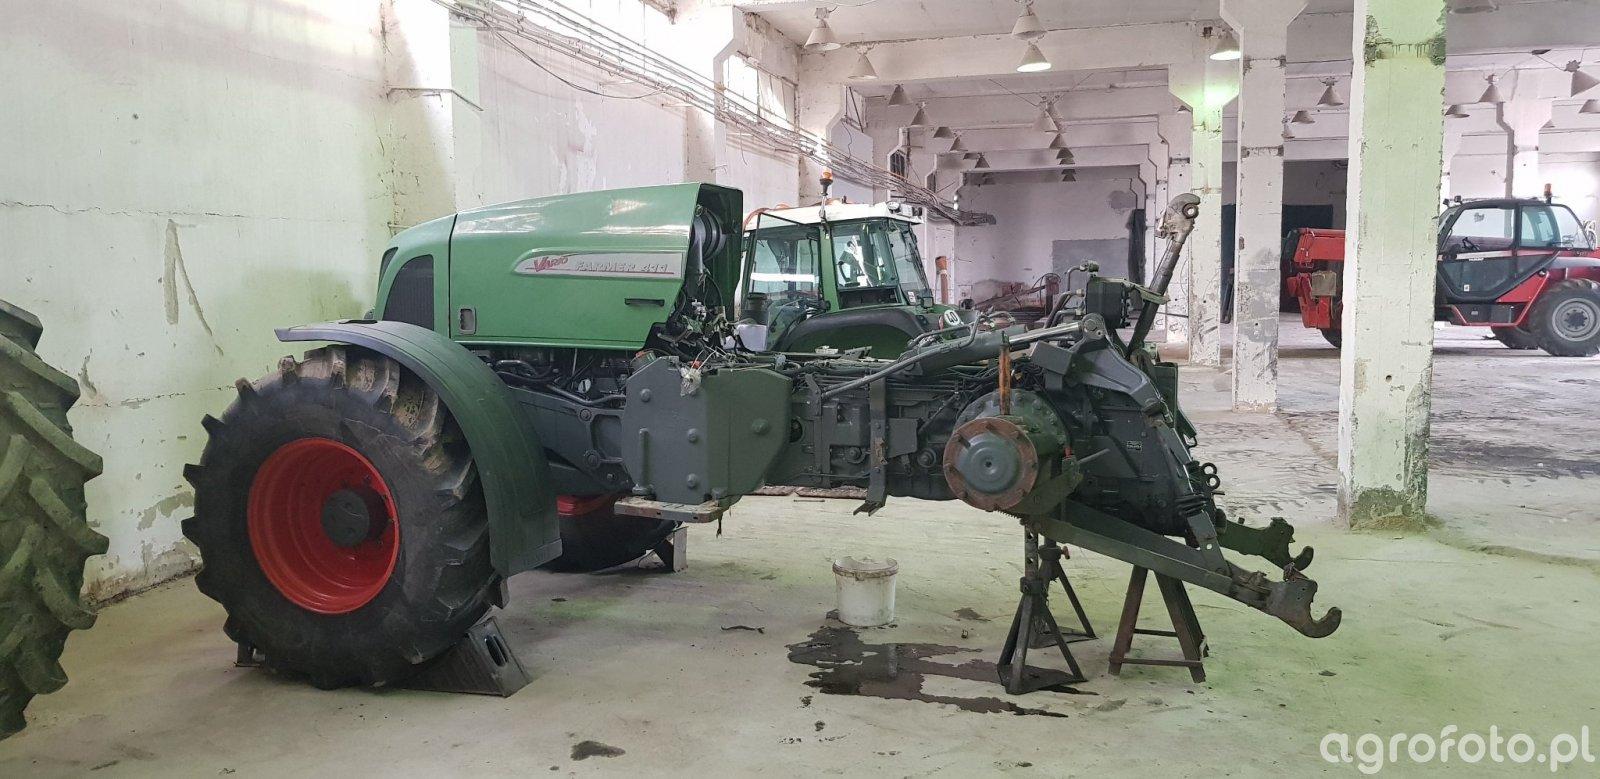 Fendt 411 farmer